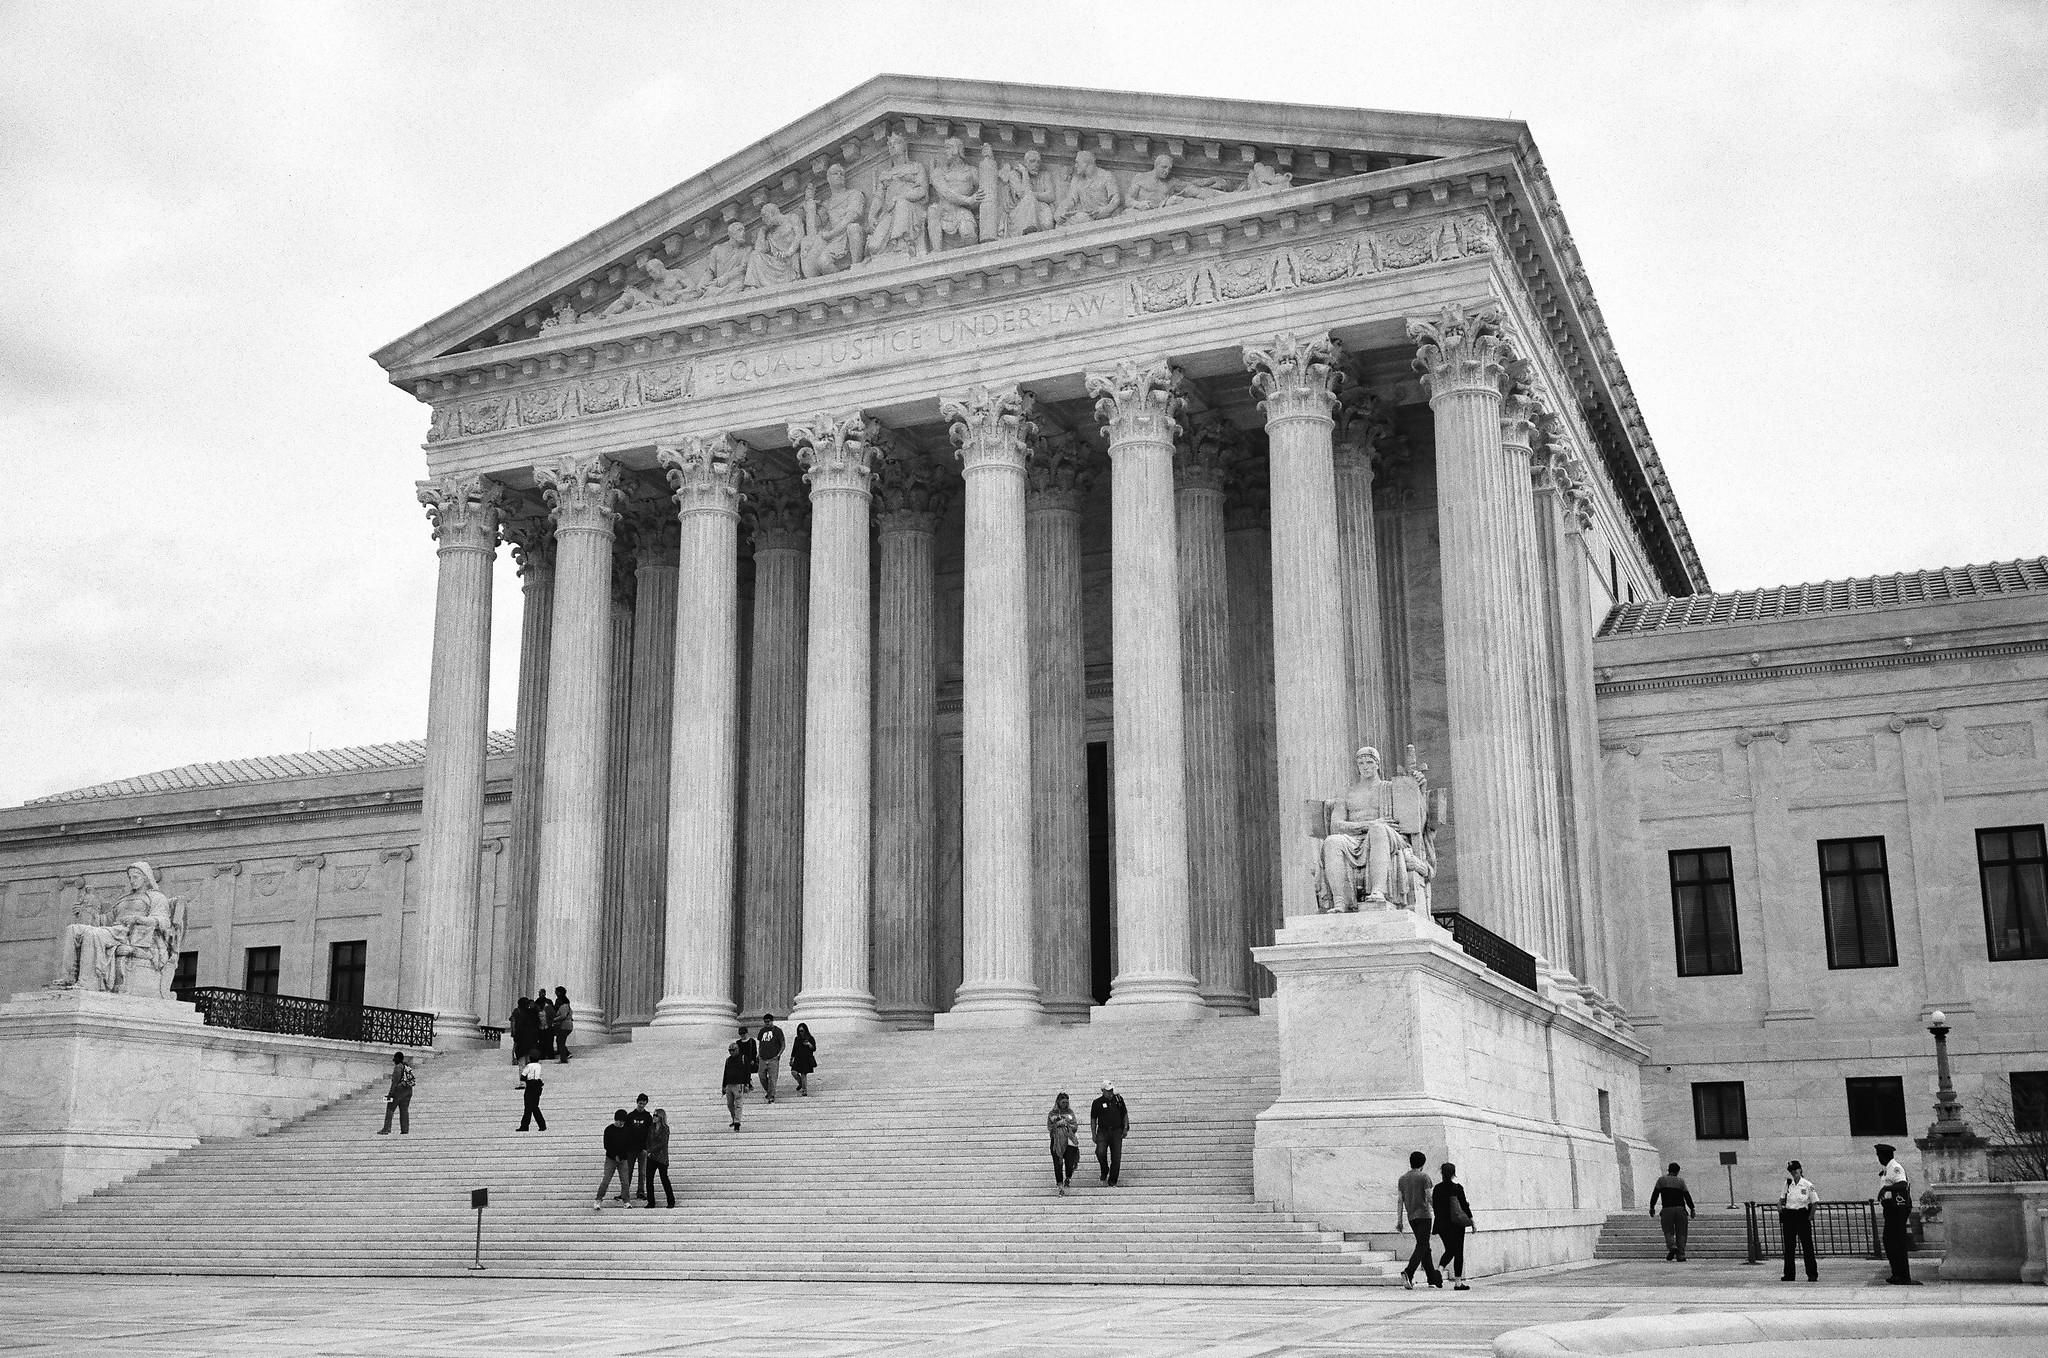 U.S. Supreme Court hears case on partisan court balance